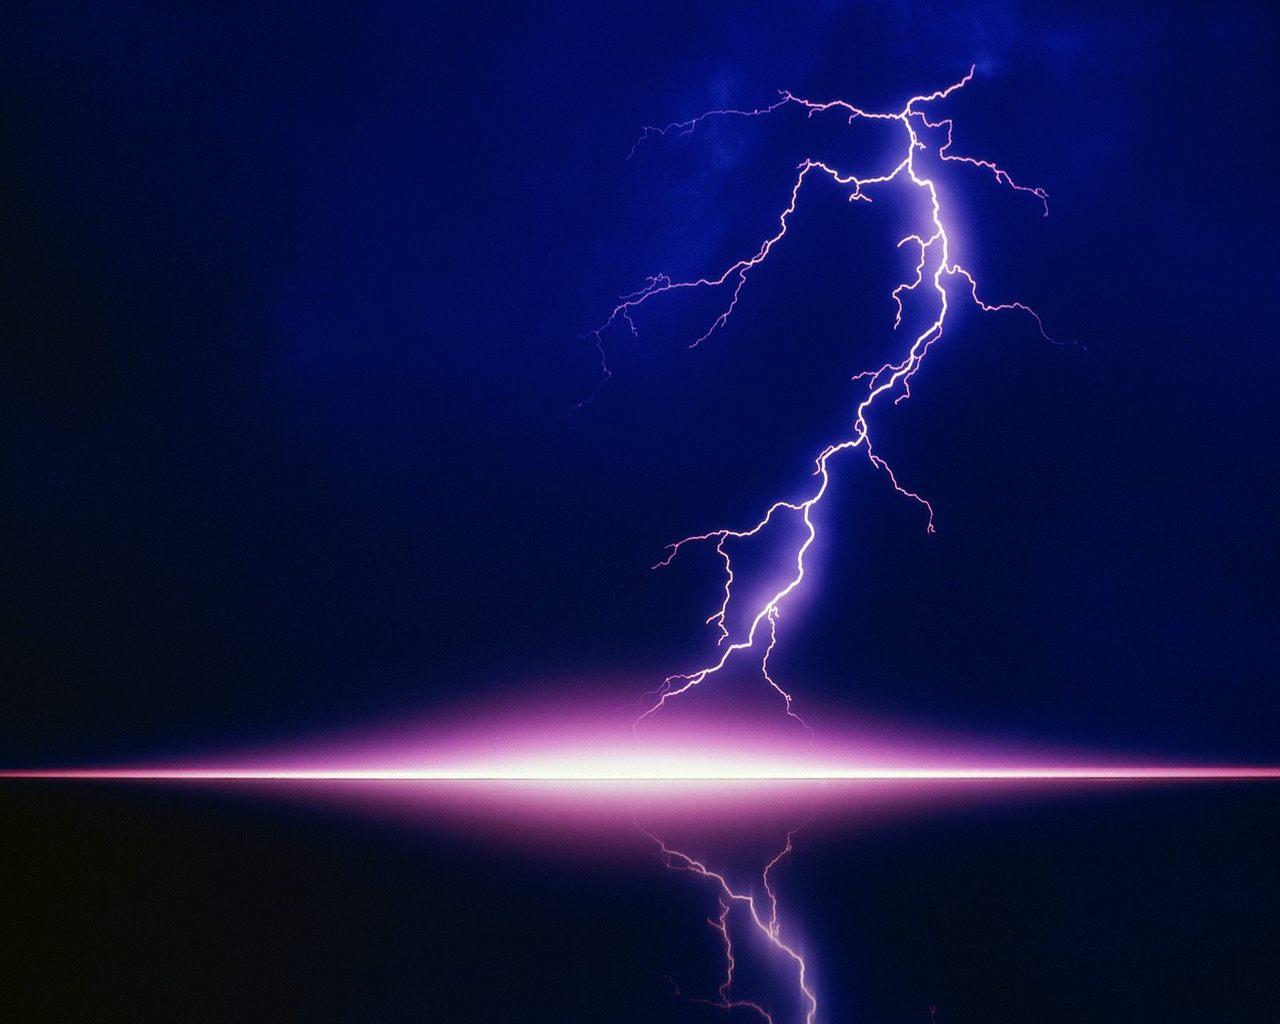 http://2.bp.blogspot.com/-uJauHOoc_1o/UEy1wA97p7I/AAAAAAAAATs/CQ2-aYrT7go/s1600/Desktop-wallpapers-HD-free-lightning.jpg